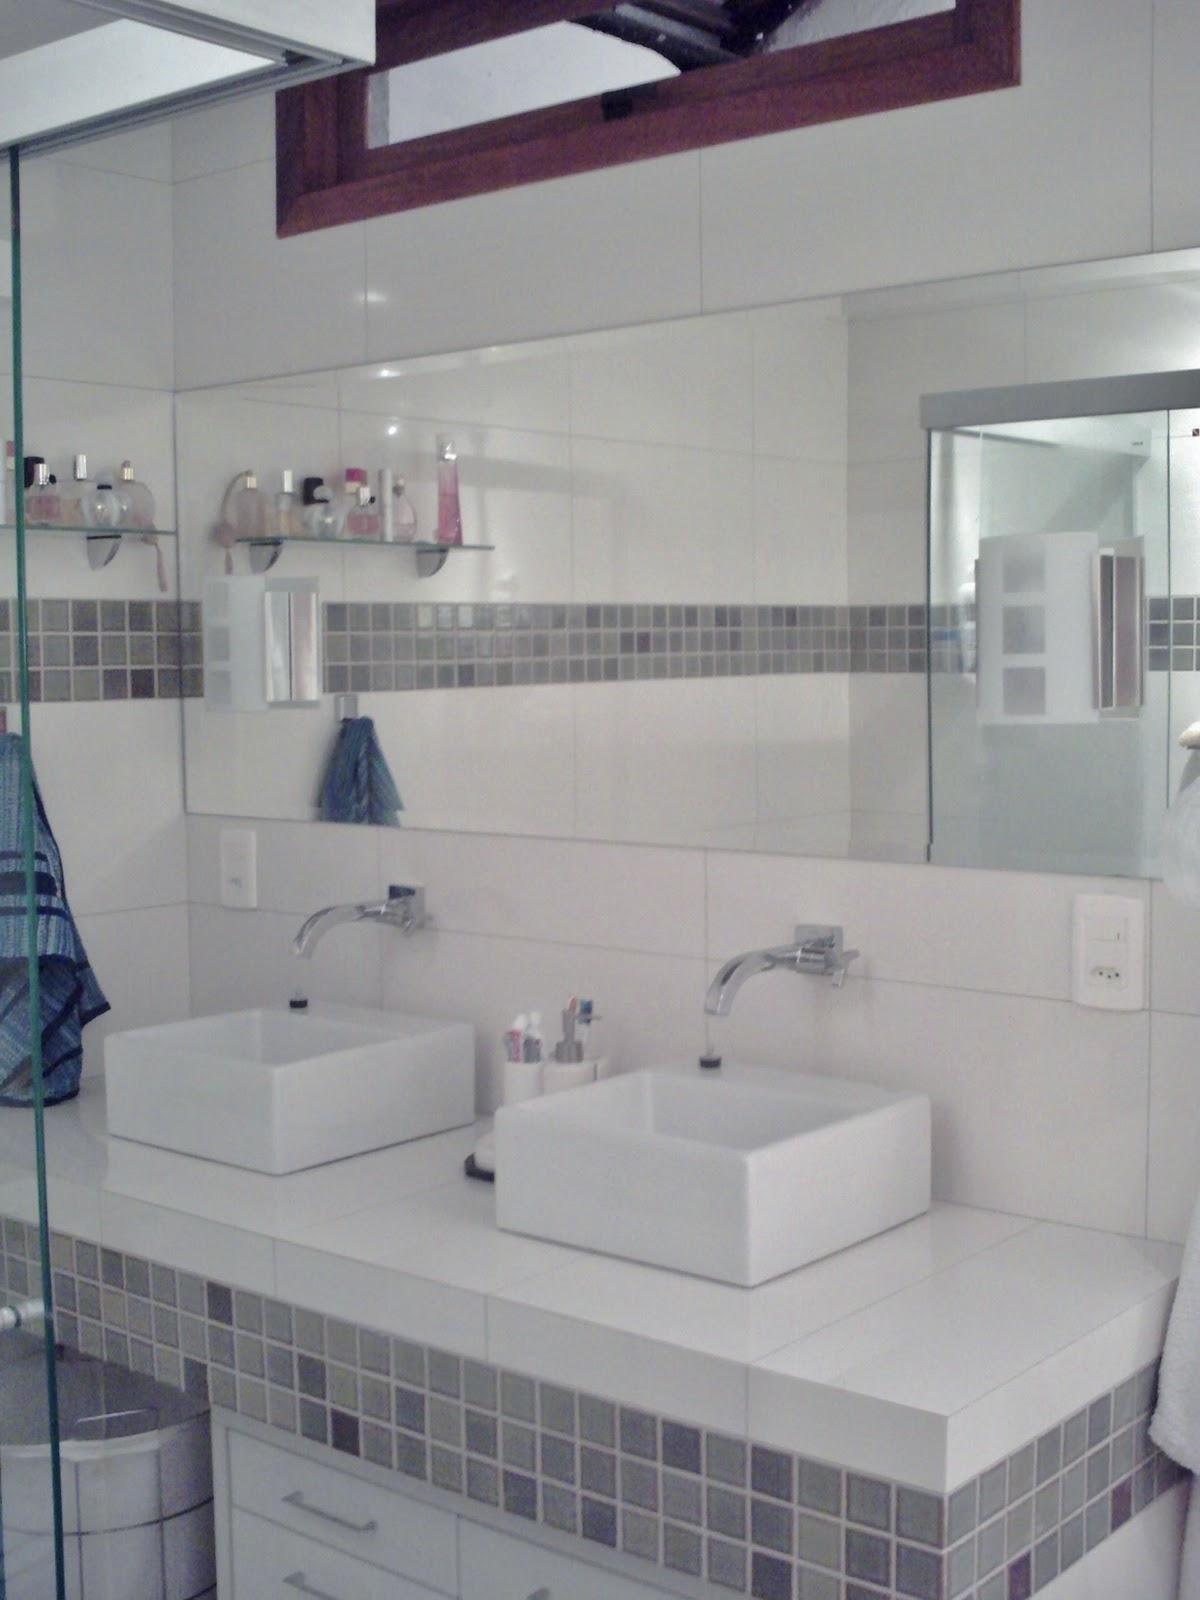 JR Renovando  Reforma em banheiro -> Banheiro Reformado Com Pastilha